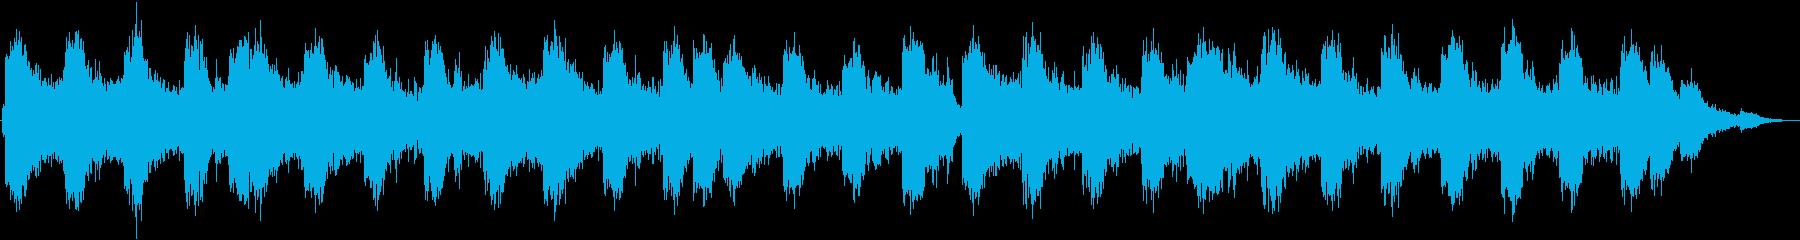 四つ打ちのシンセ系15秒BGMの再生済みの波形